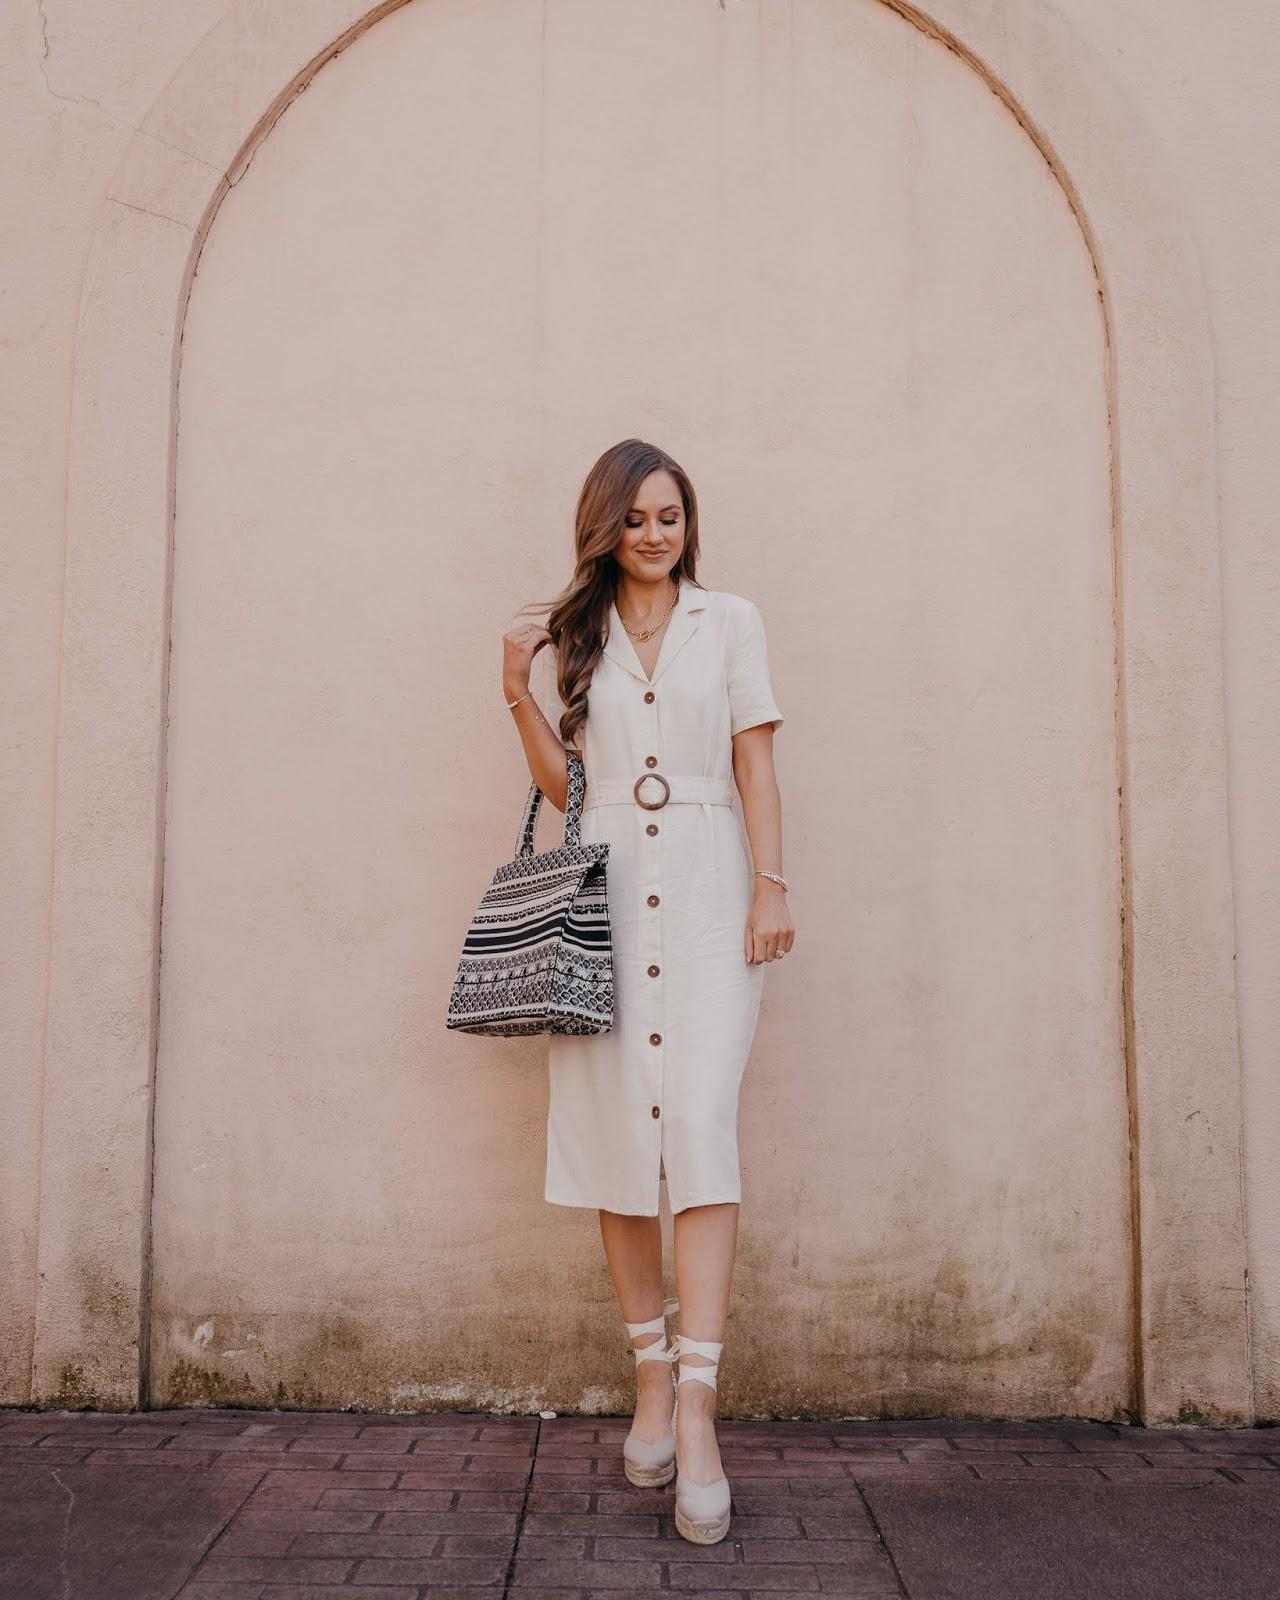 Dior Book Tote Dupe, belted linen midi dress, Castañer espadrilles